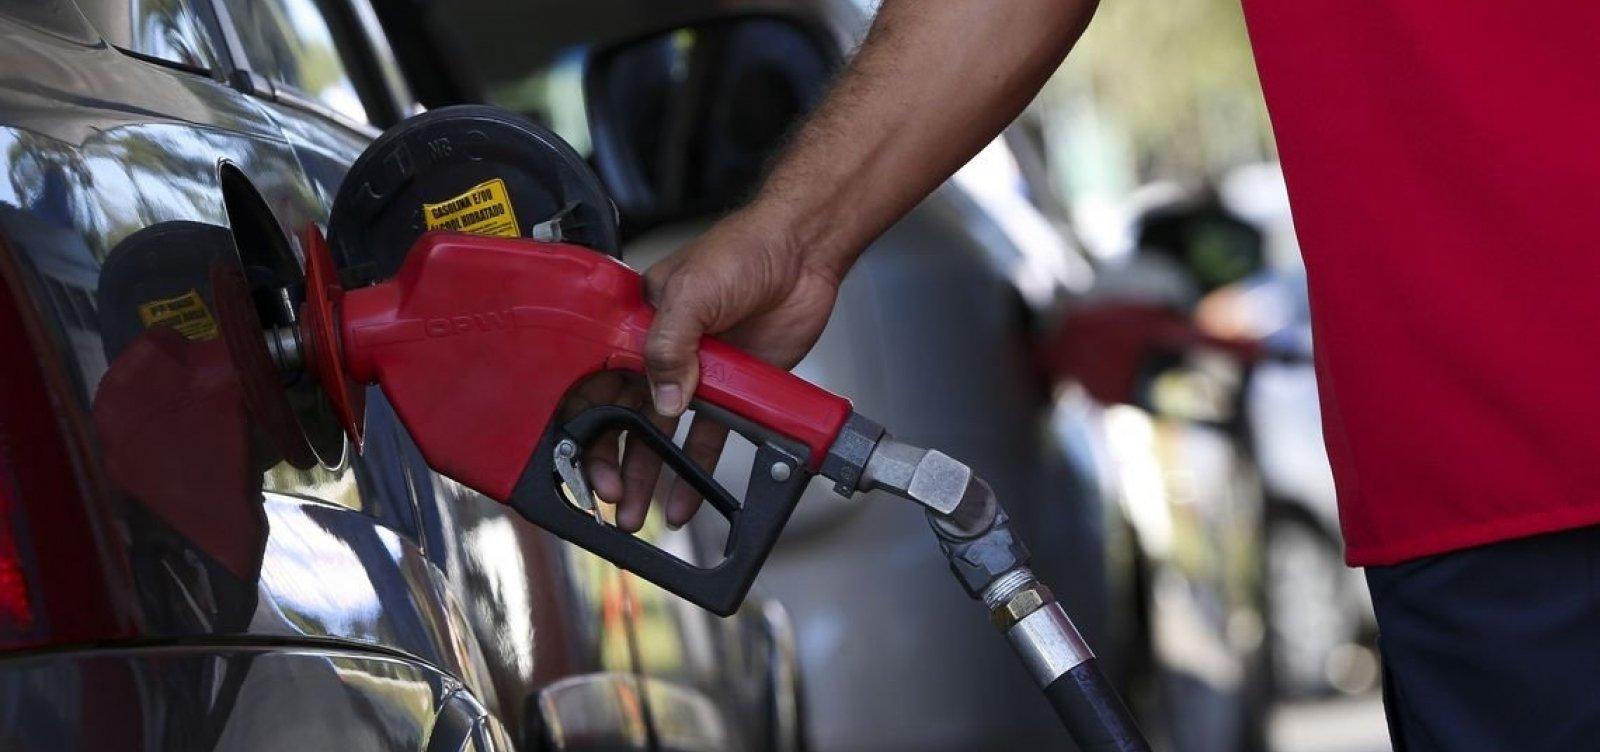 Postos de Salvador vendem combustível pela metade do preço amanhã